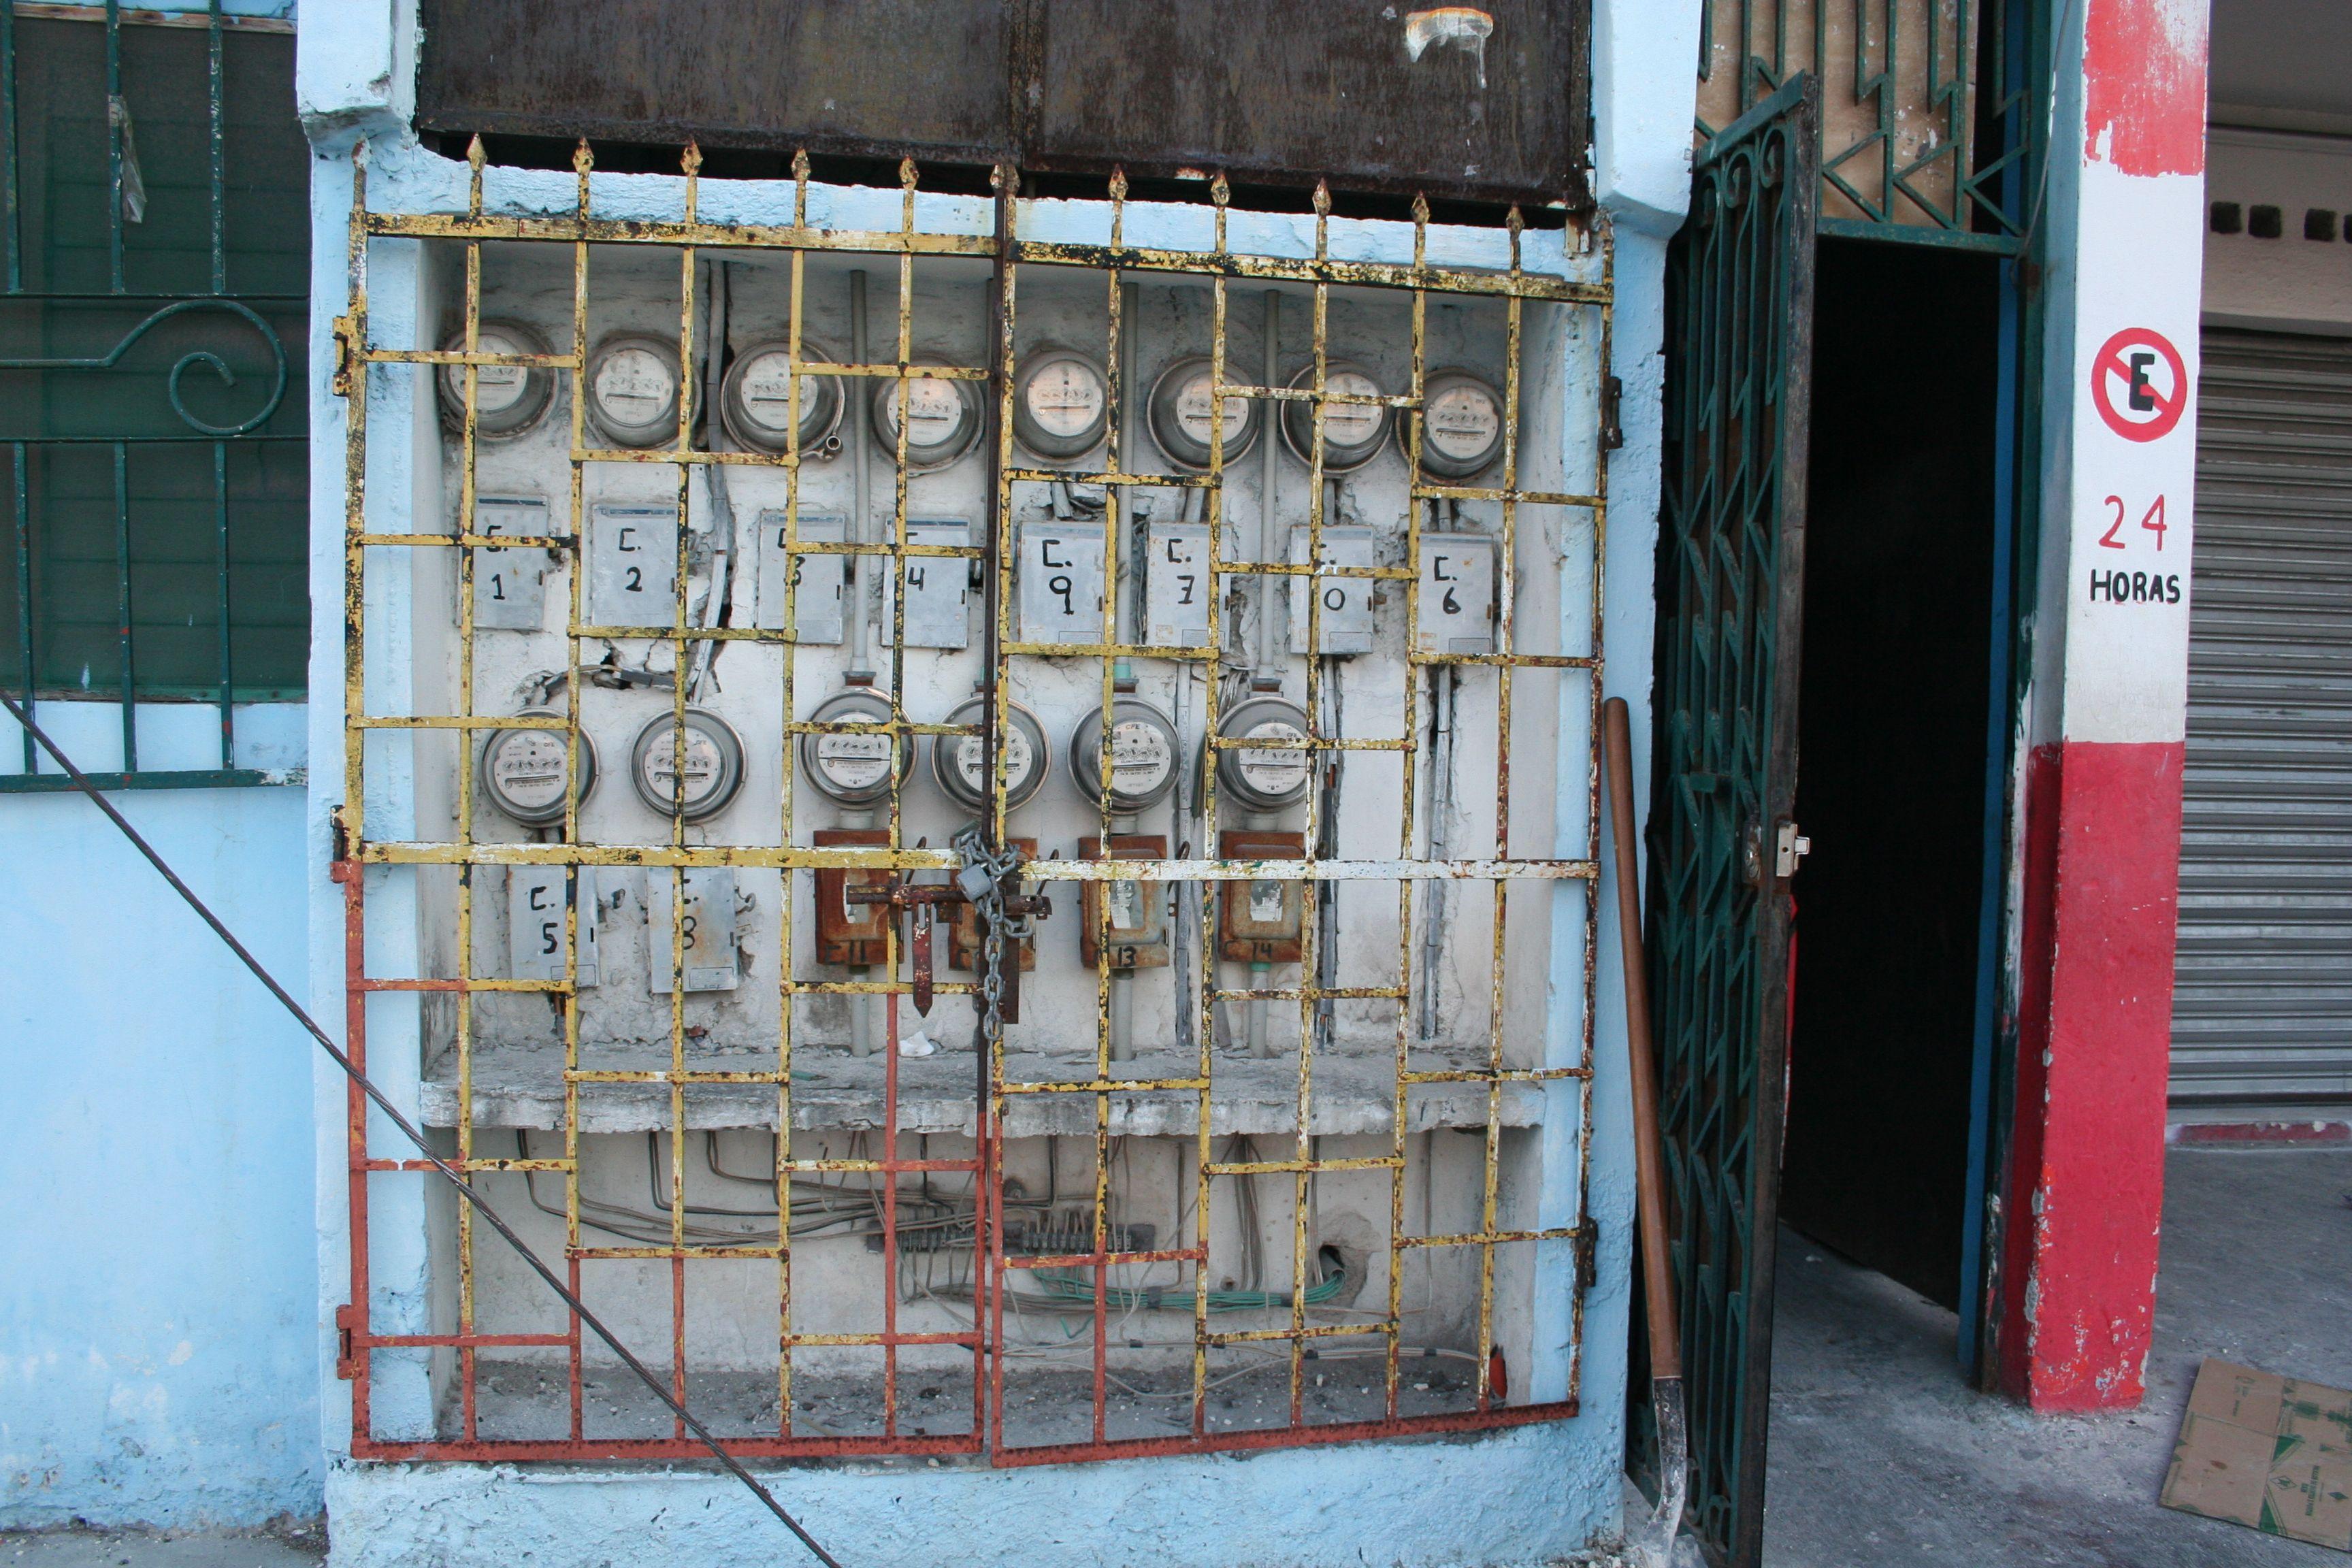 Compteurs électriques Mexique, Playa Del Carmen